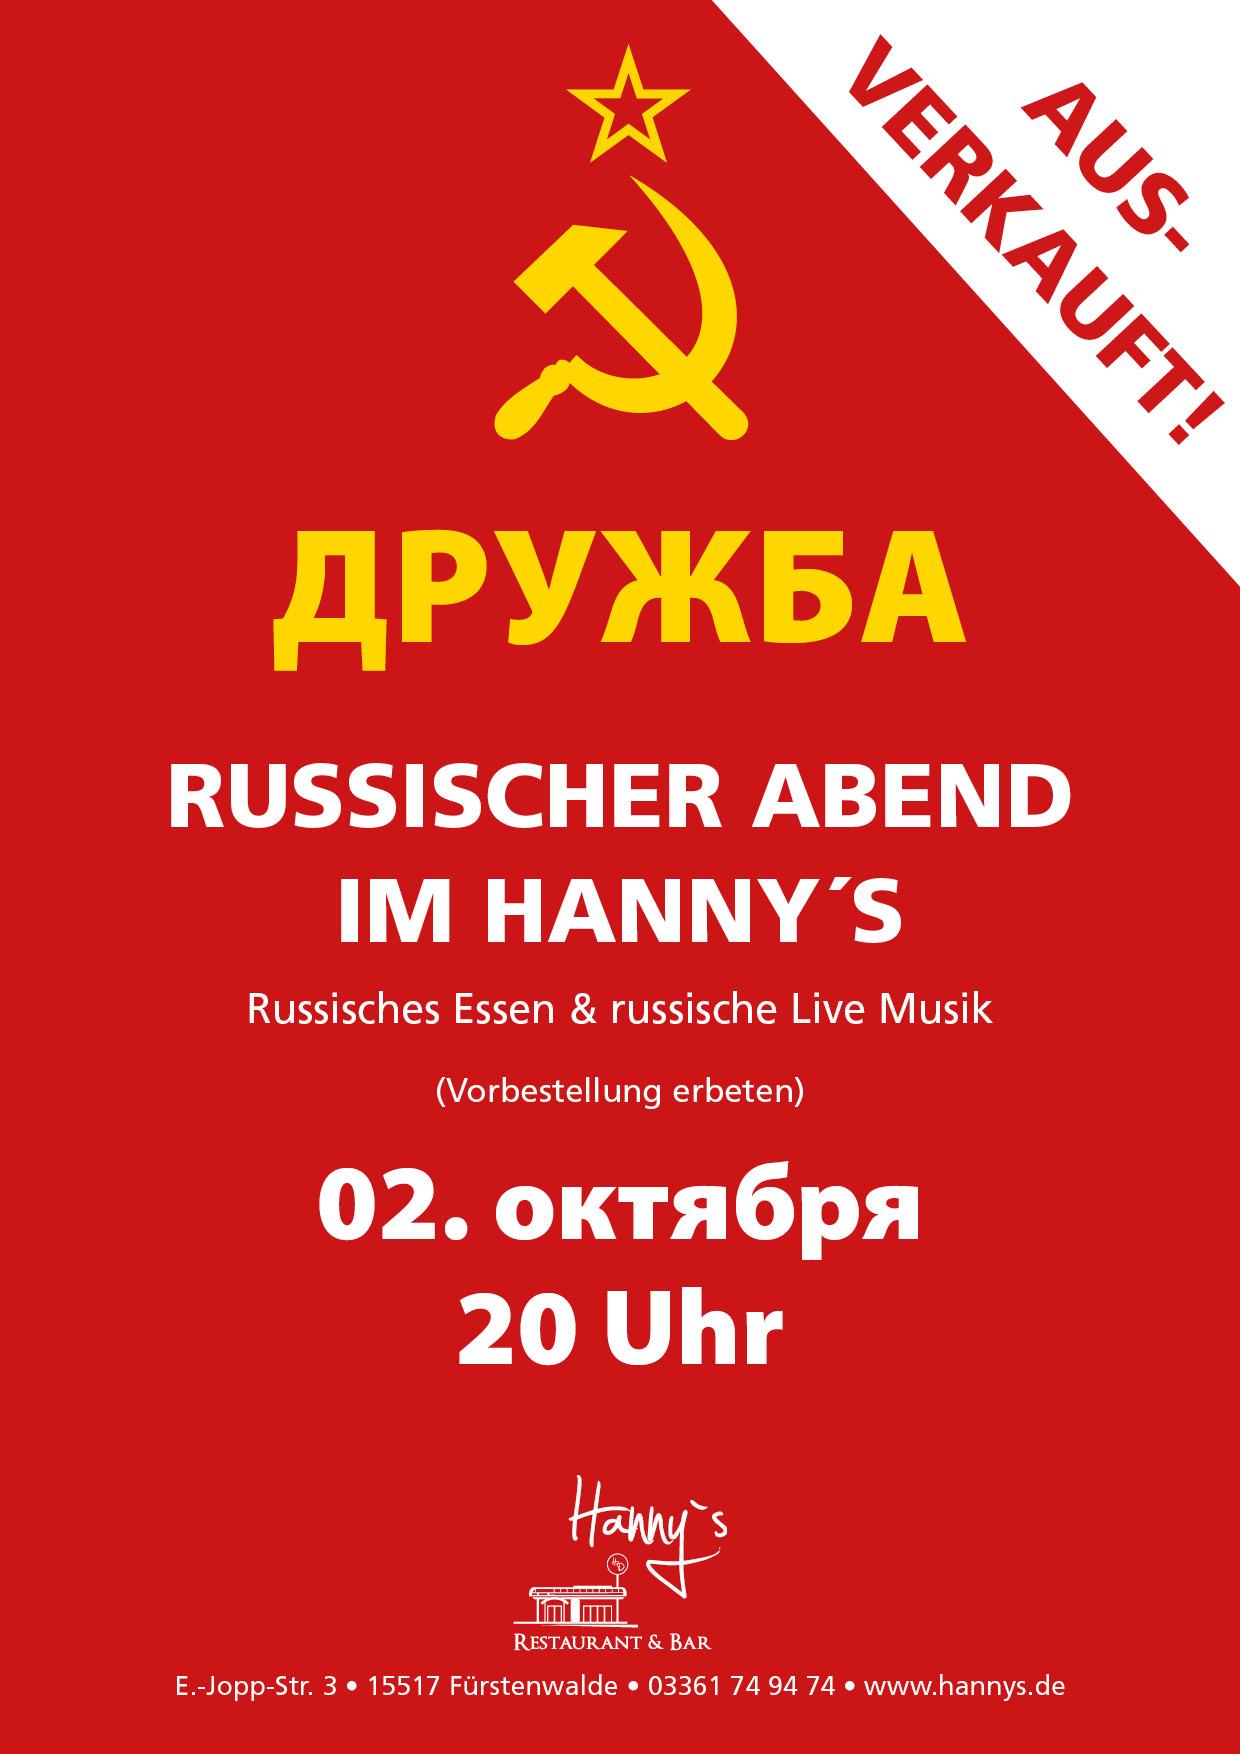 russen_ausverkauft